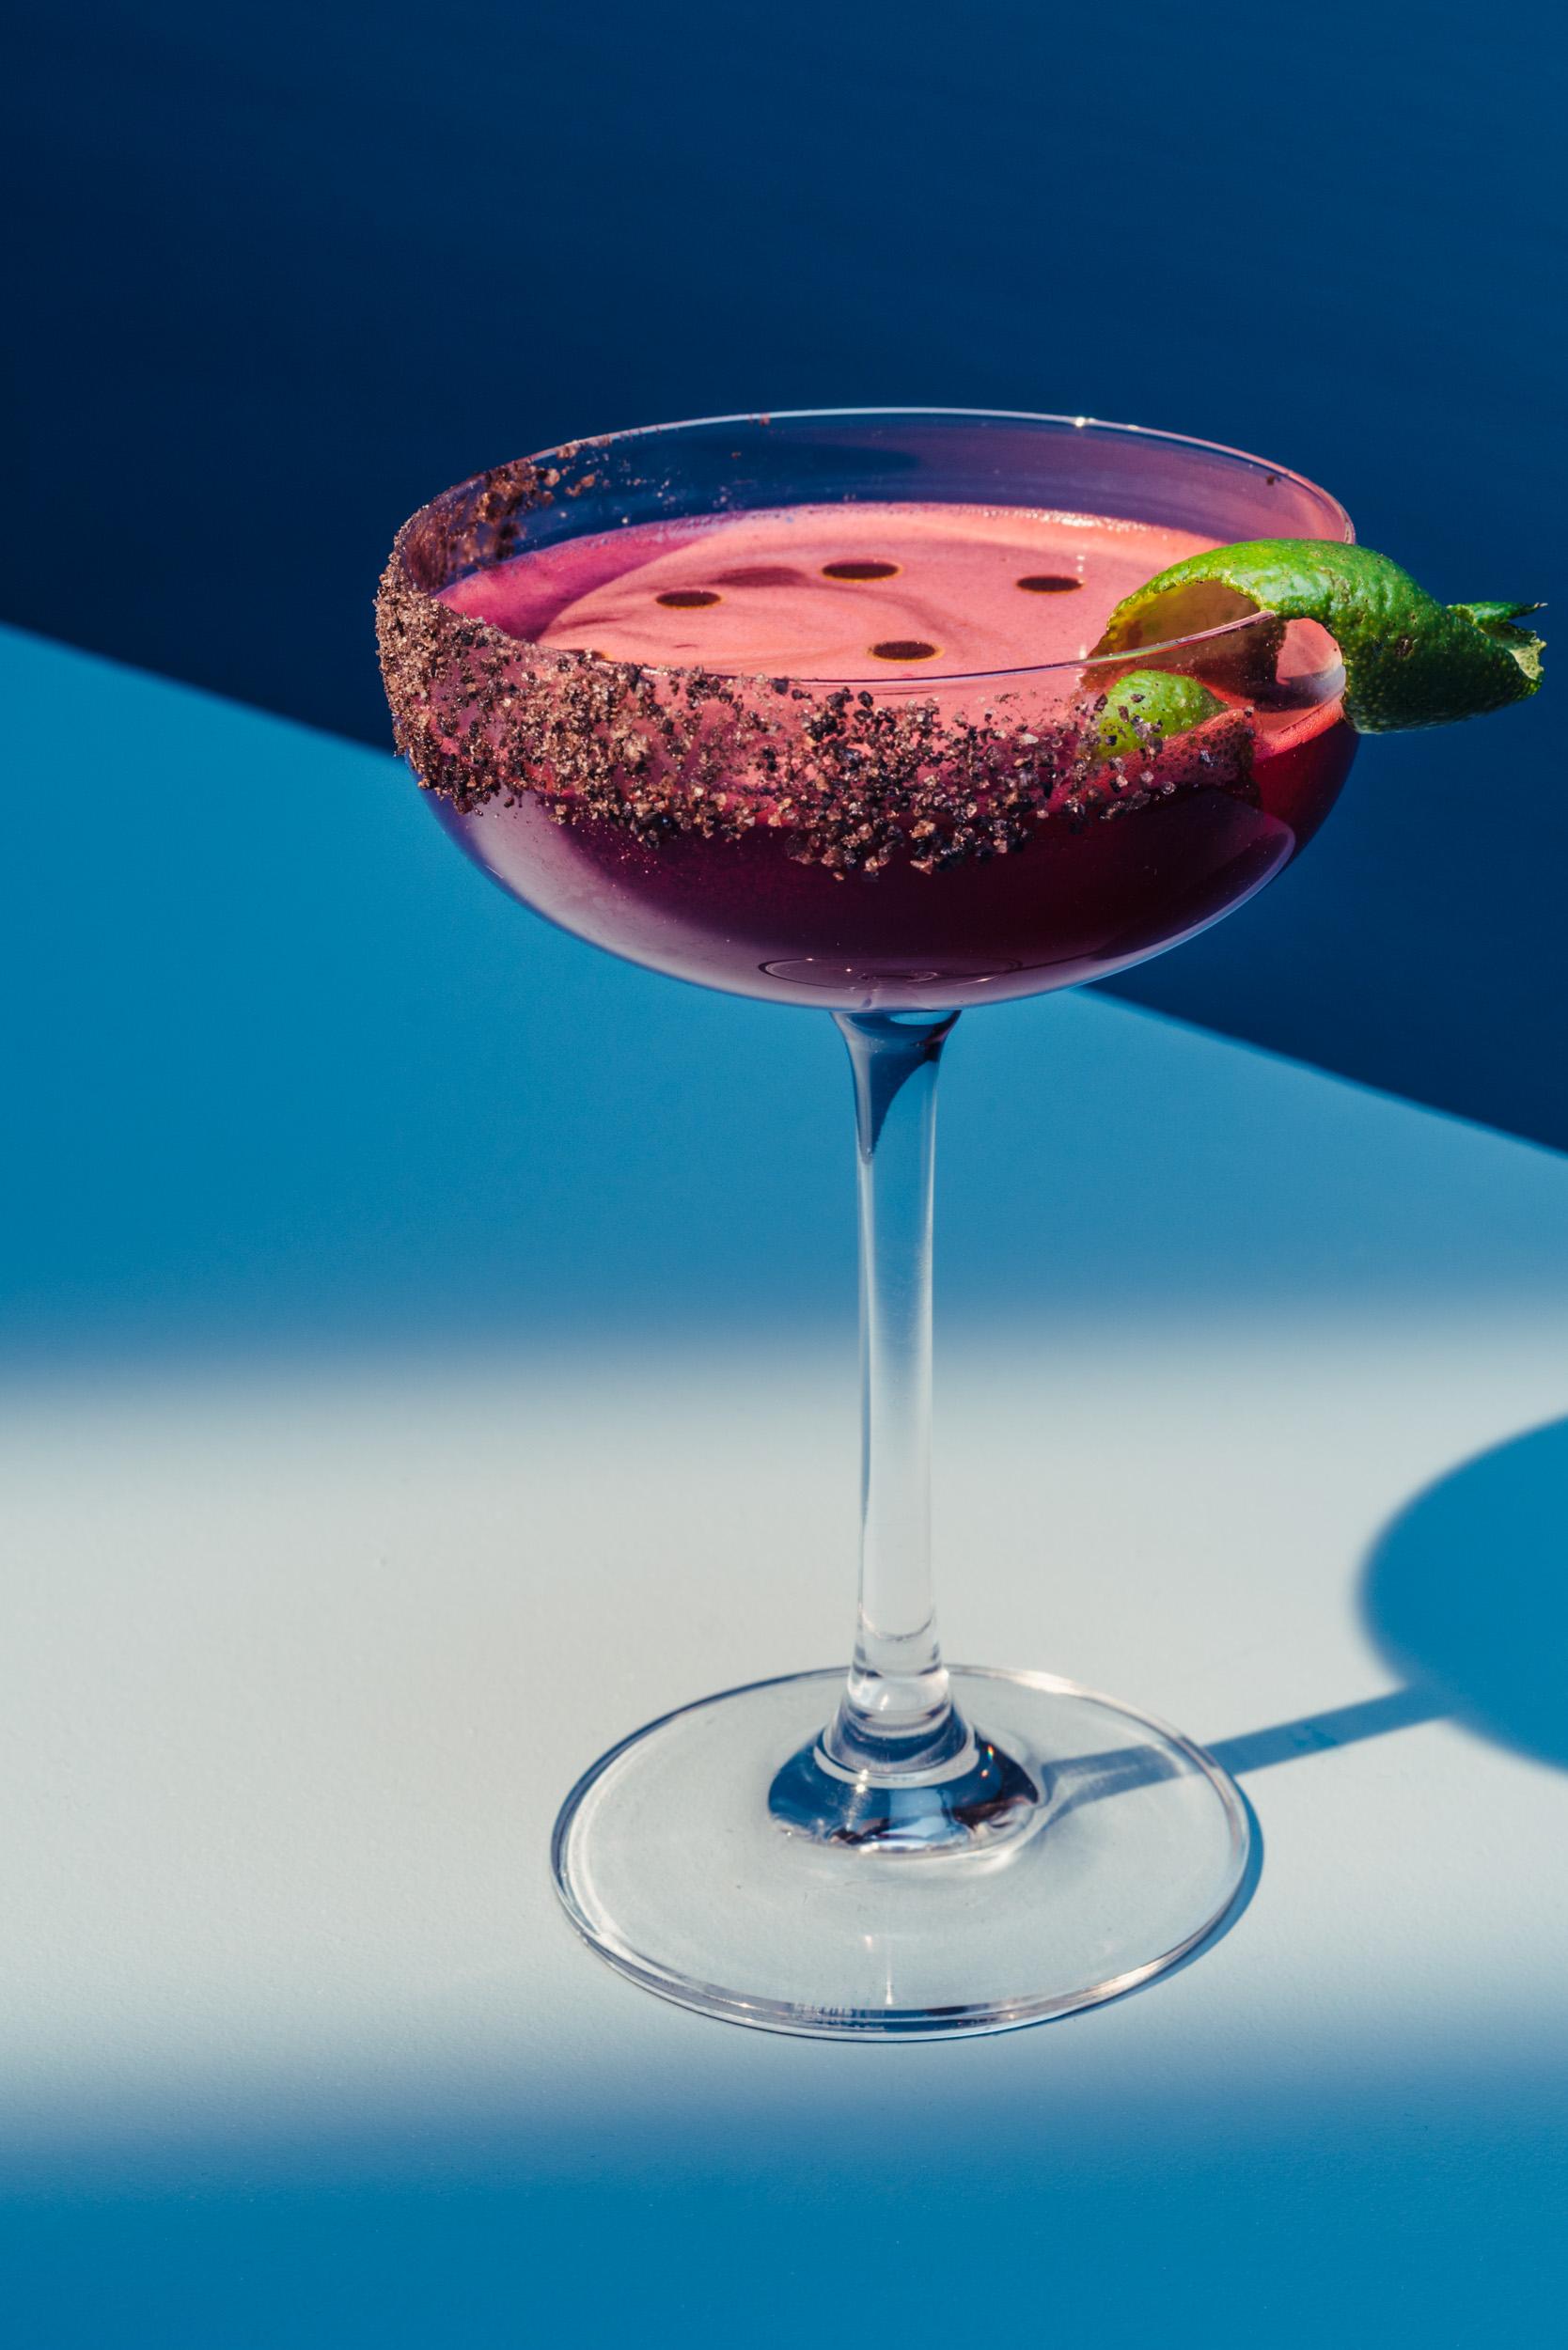 sugar-east-ruby-beet-cocktail-236-portrait.jpg